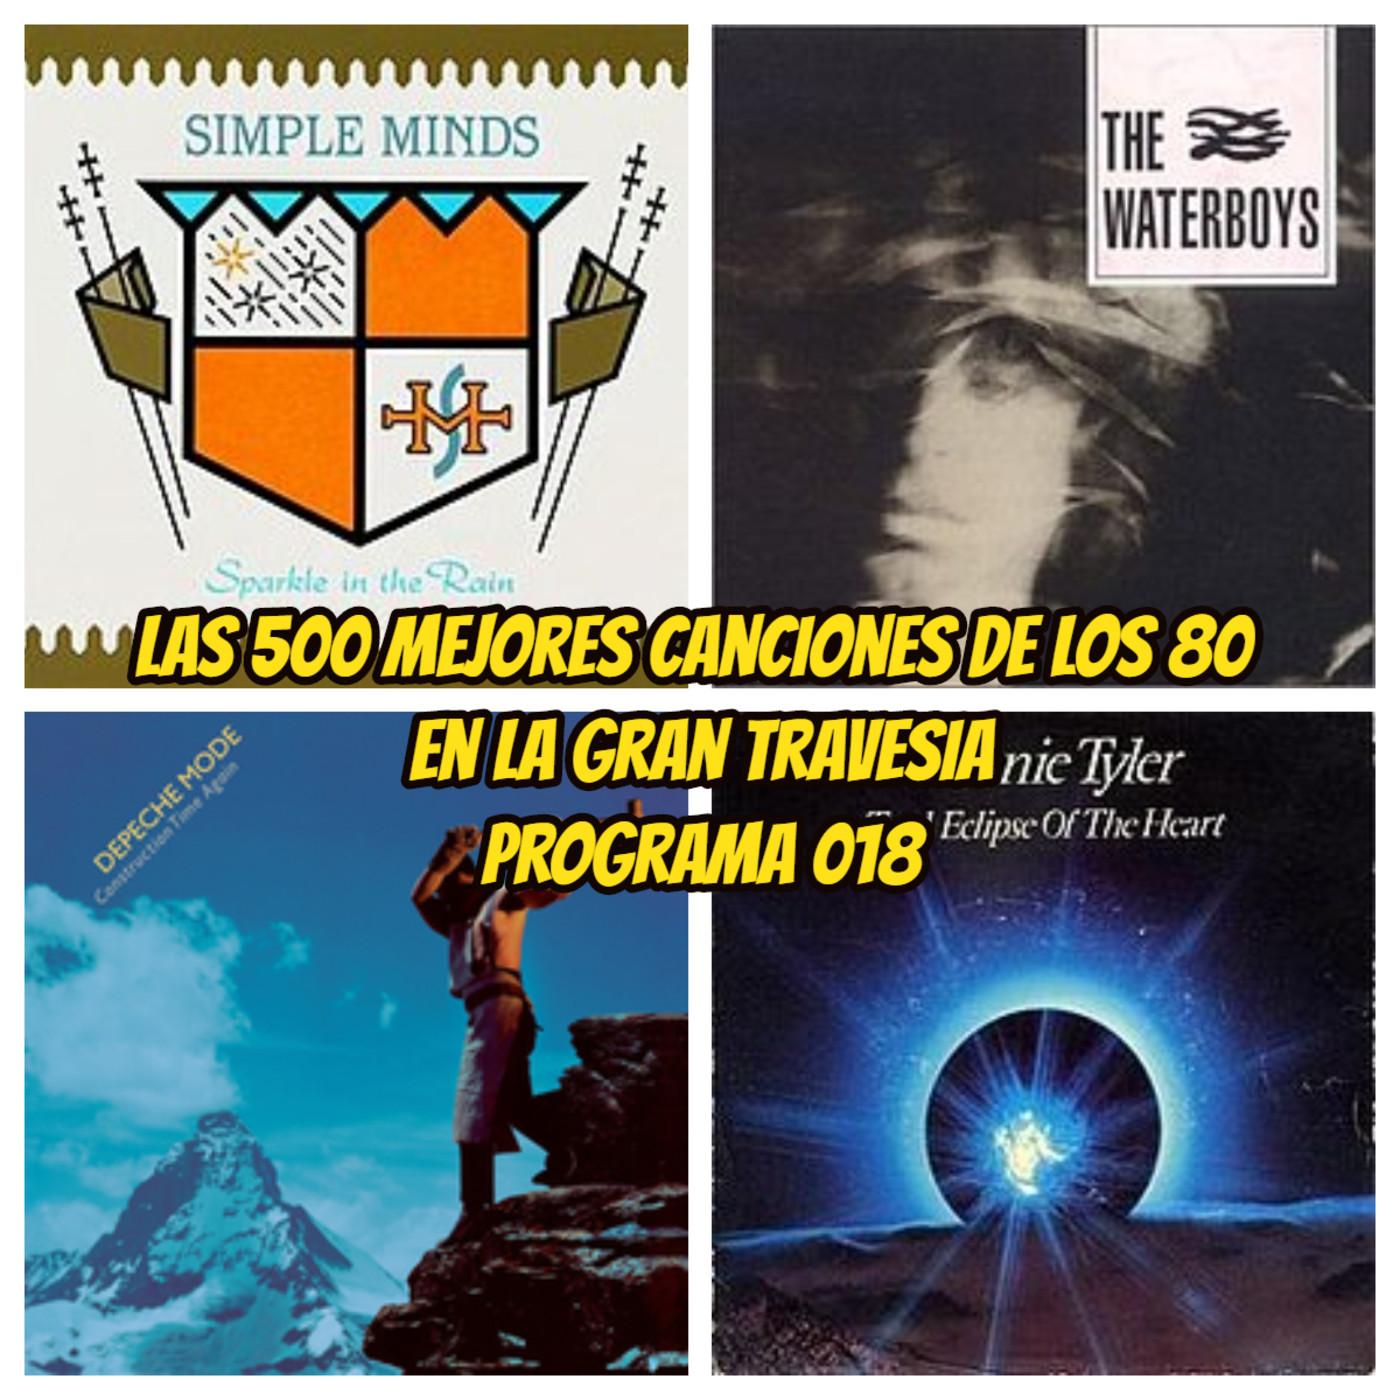 Las 500 mejores canciones de los 80. Programa 18